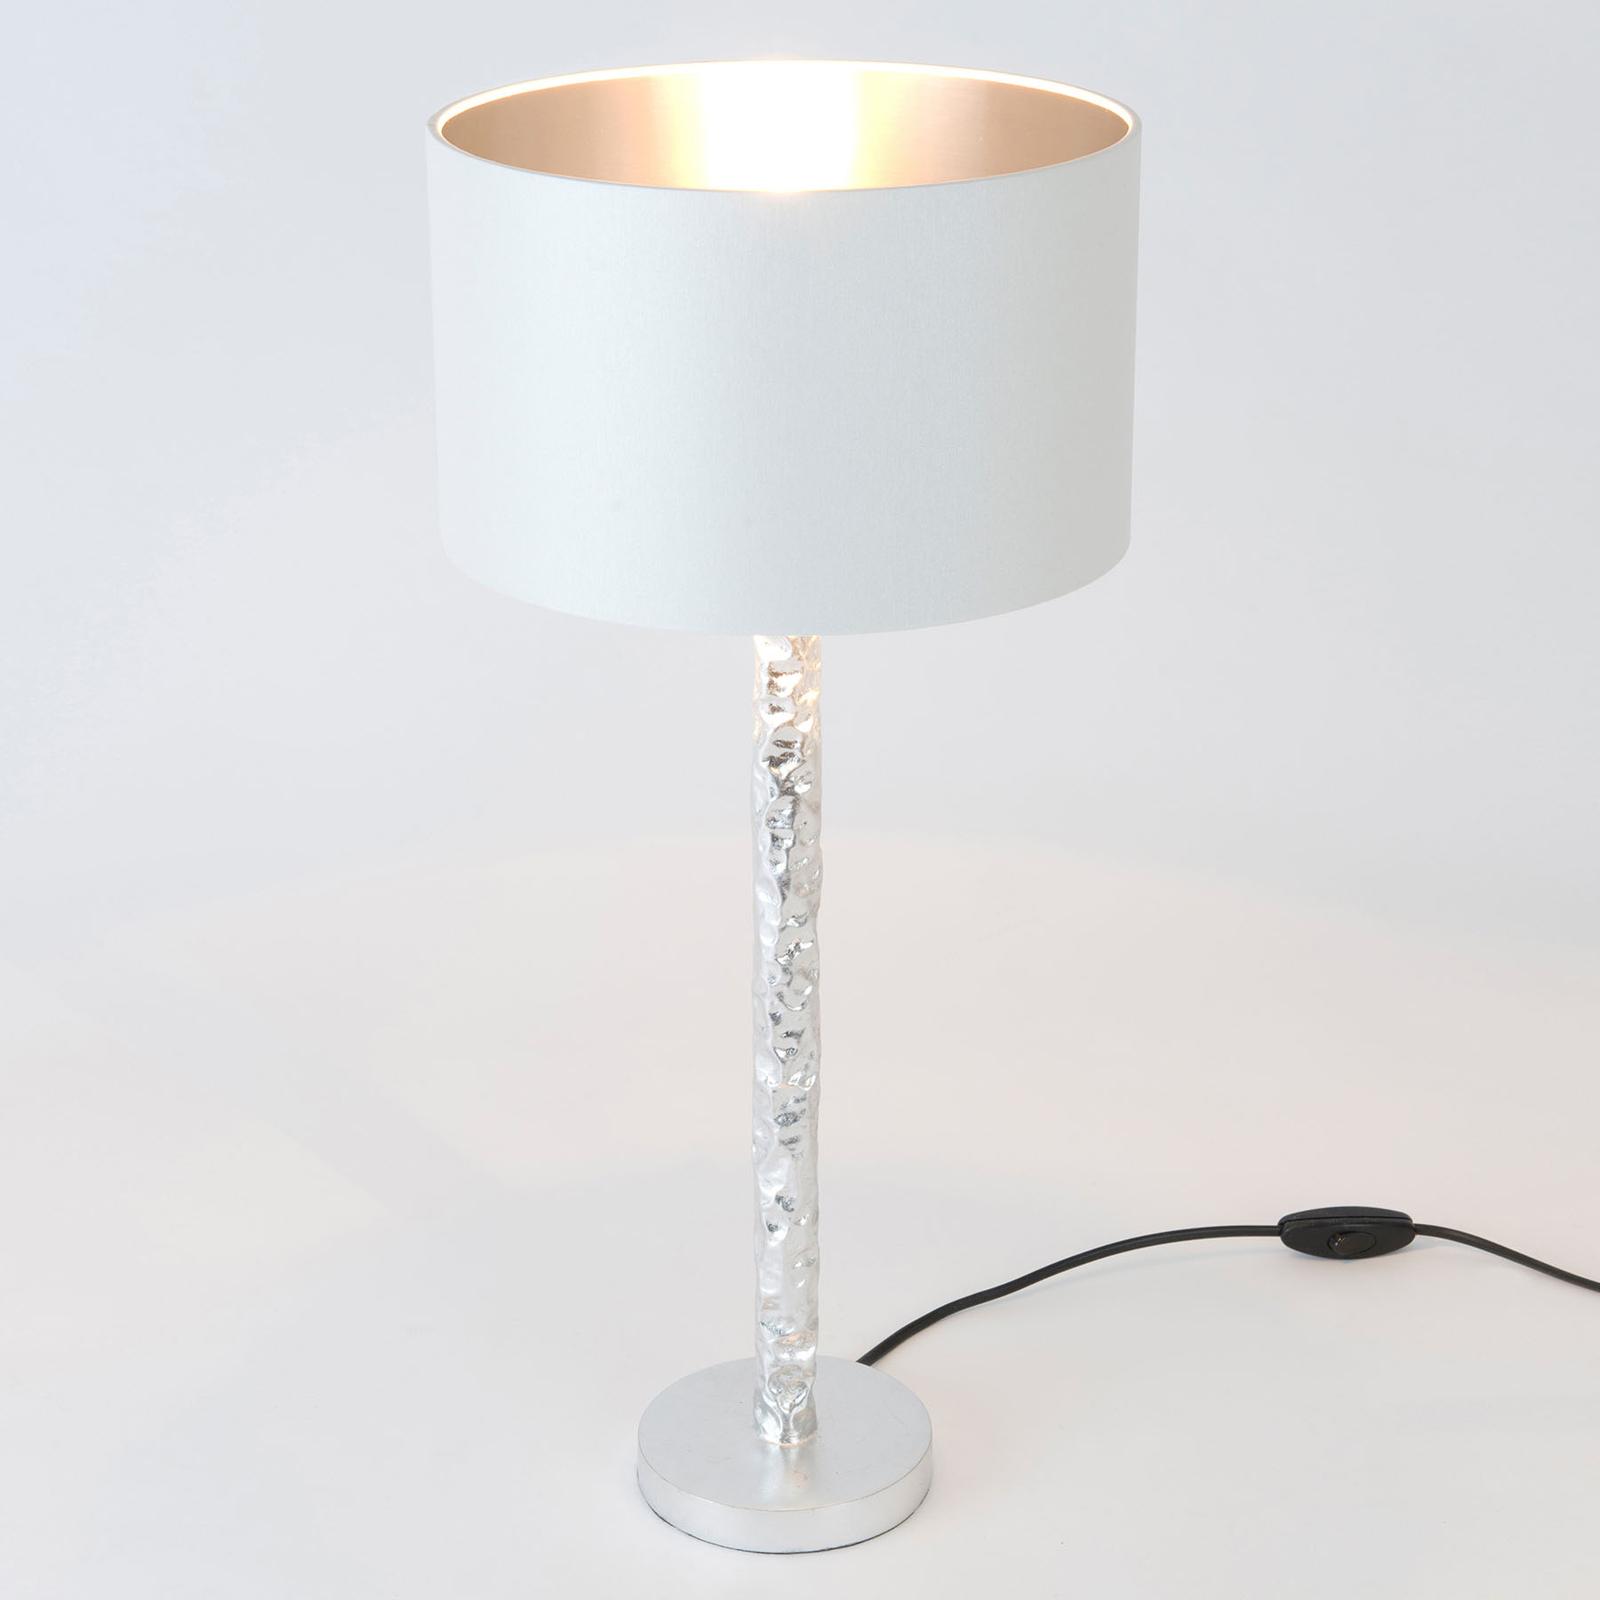 Tafellamp Cancelliere Rotonda wit/zilver 57 cm